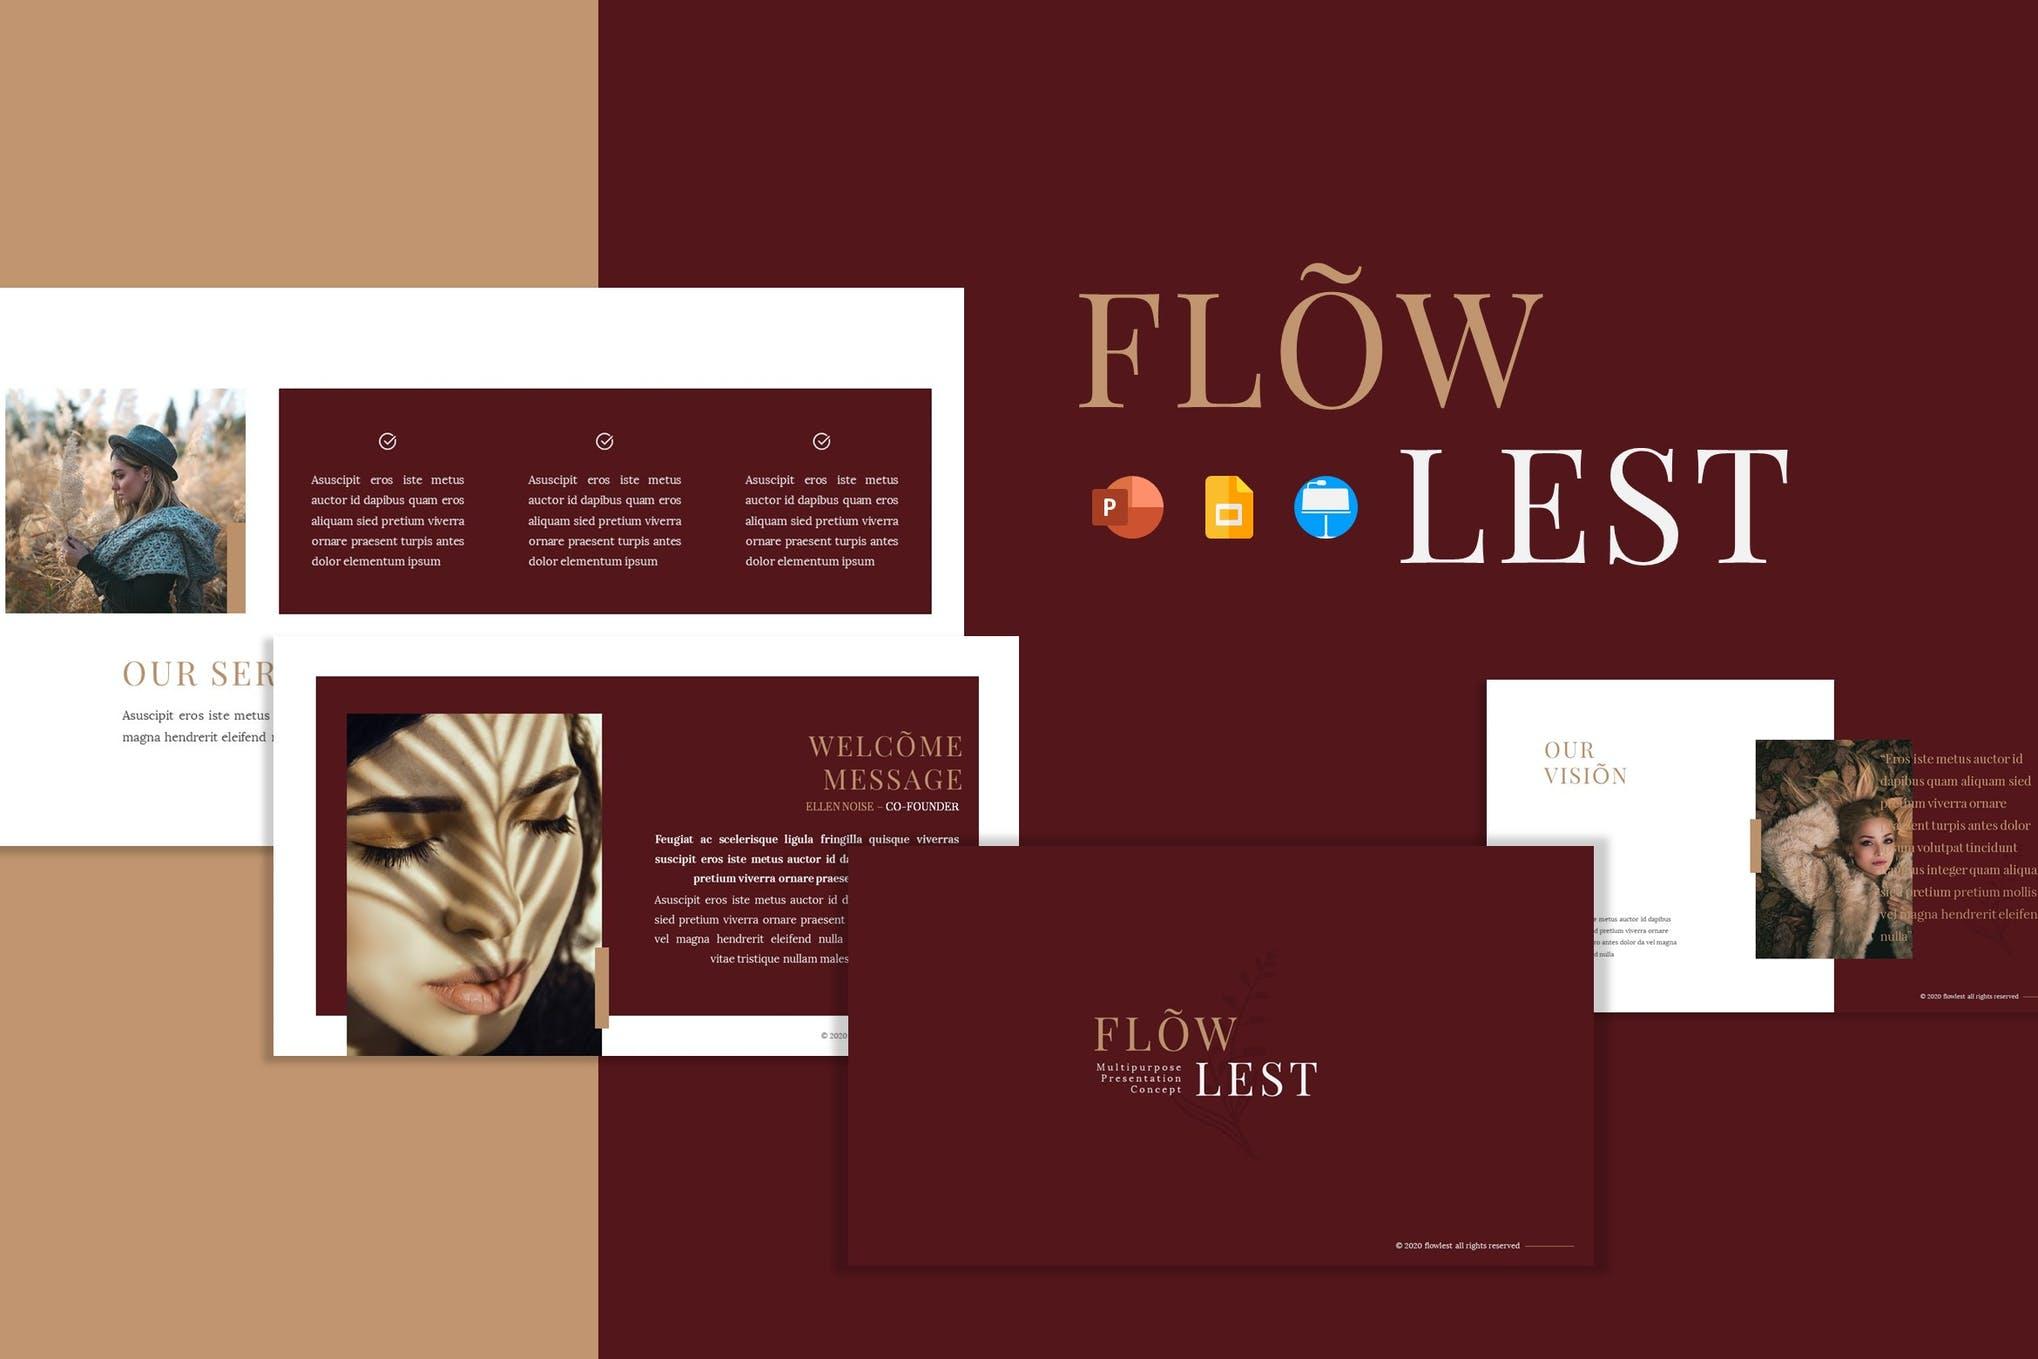 多用途服装营销策划案演示文稿设计模板 Flowlest – Presentation Template插图